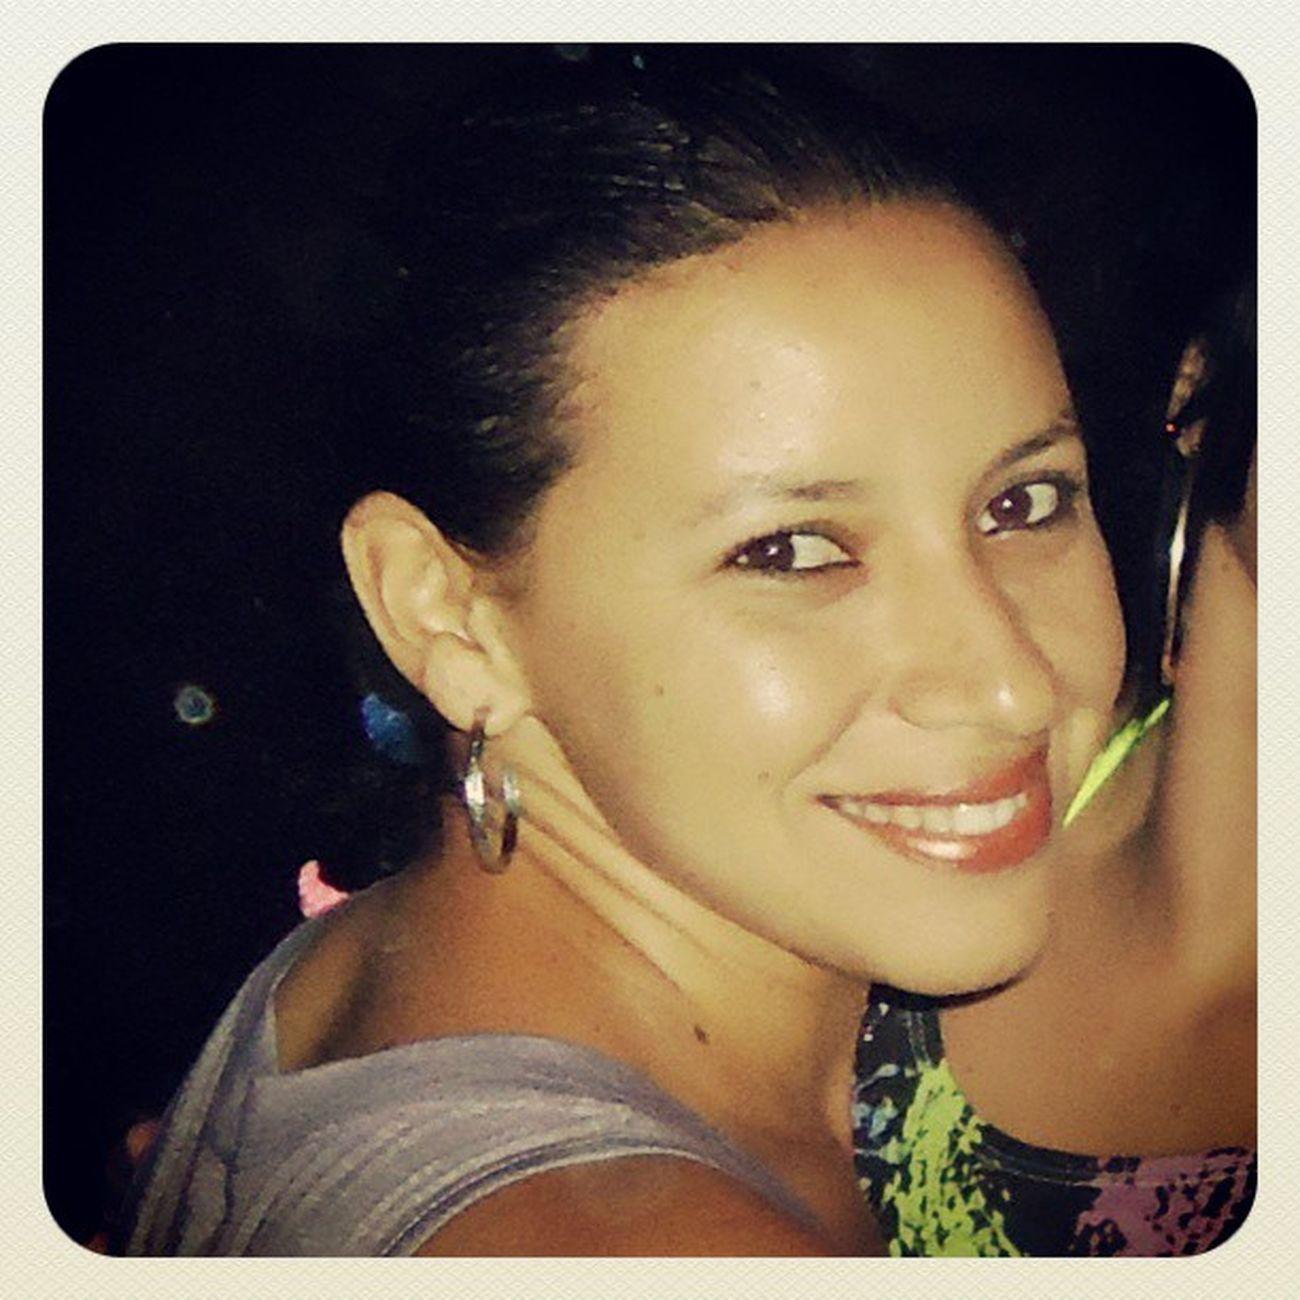 Hoje é niver de uma pessoa mega especial pra mim...minha amigona-irmã BetanhaAlves ... peço a Deus que a ilumine sempre, que a cubra com muitos anos de vida com saúde, sabedoria, sorte e sucesso sempre... FELIZ ANIVERSARIO MINHA AMIGA!!!